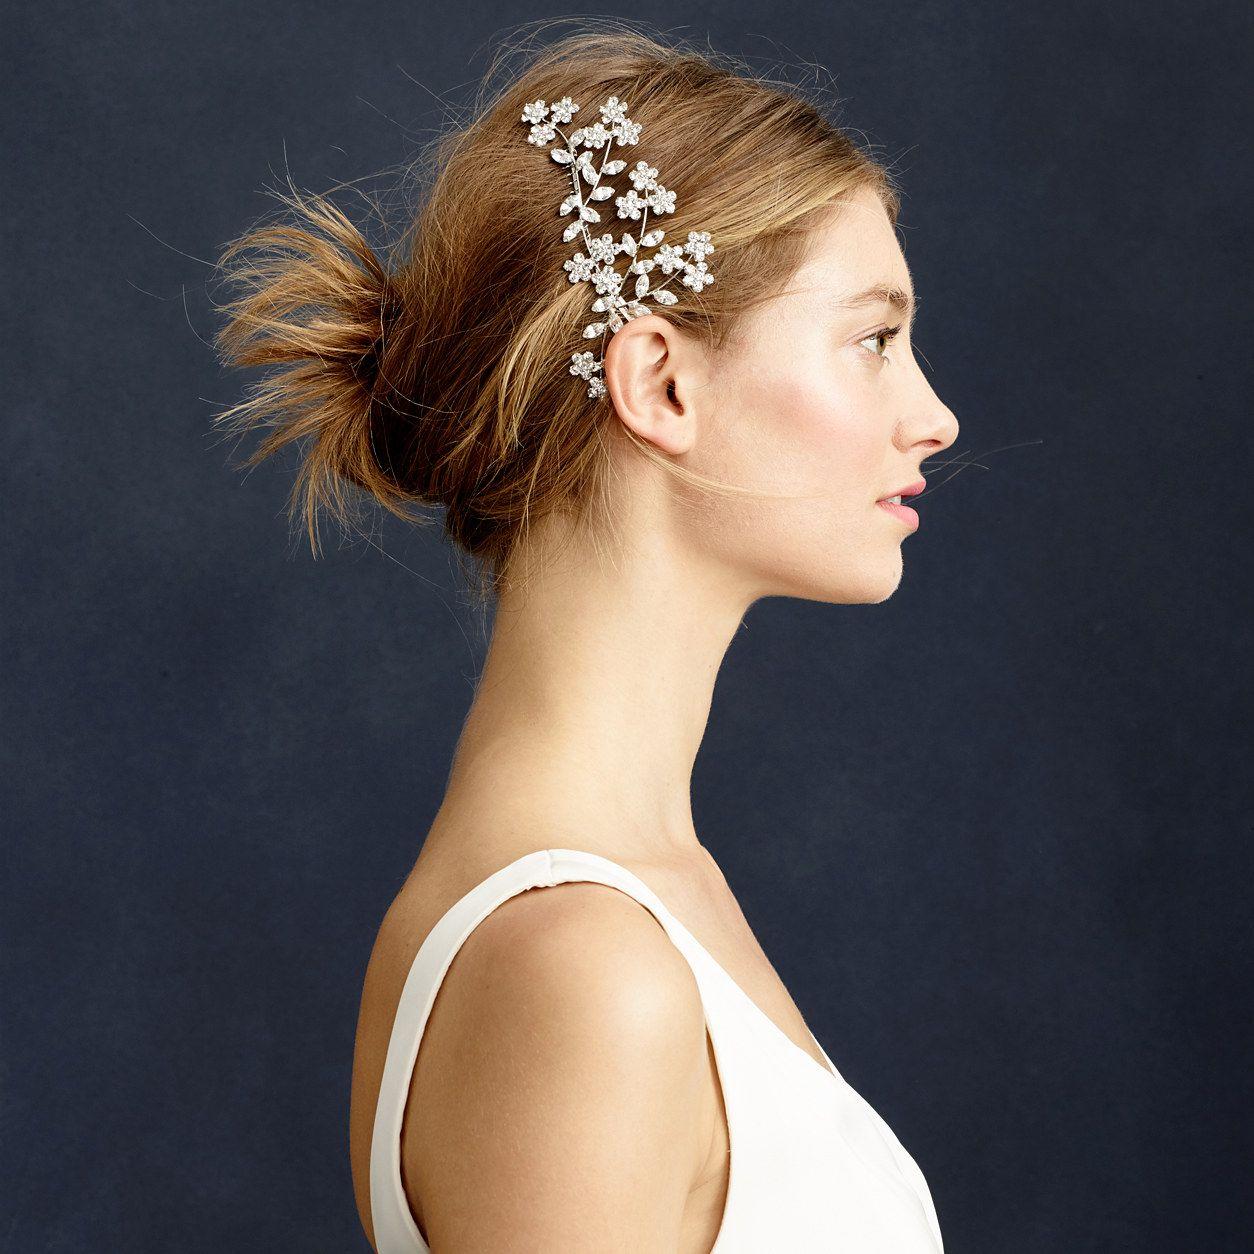 jennifer behr jasmine comb : jewelry & accessories | j.crew